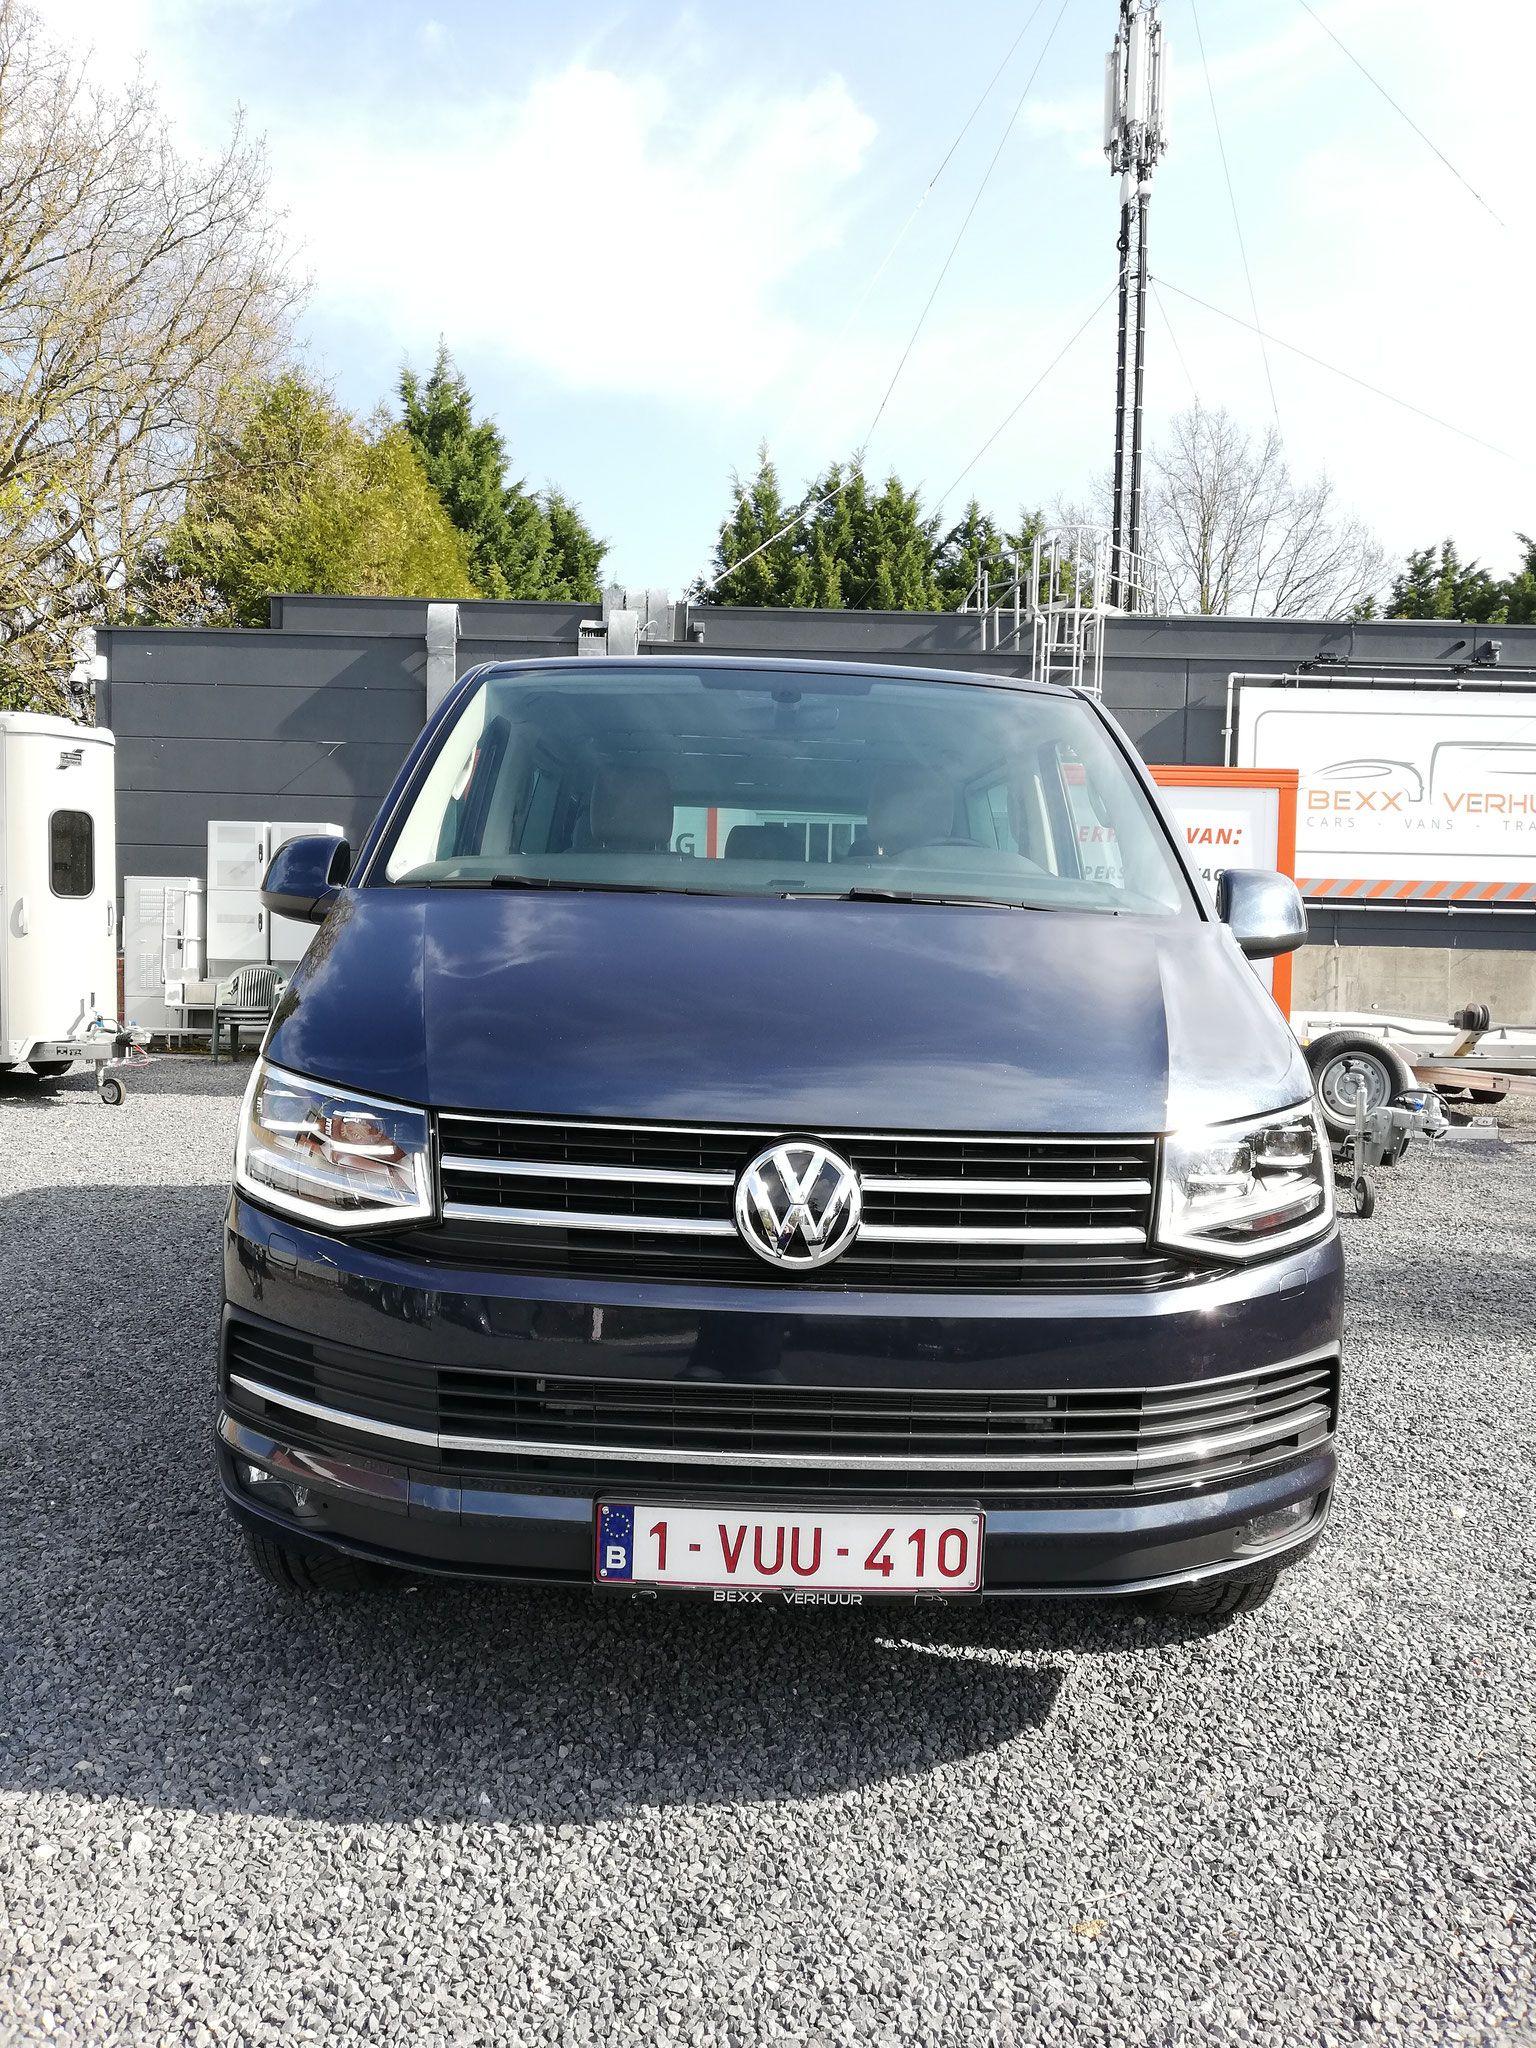 Volkswagen Caravelle T6 automaat (Luxe) -image (7).jpg